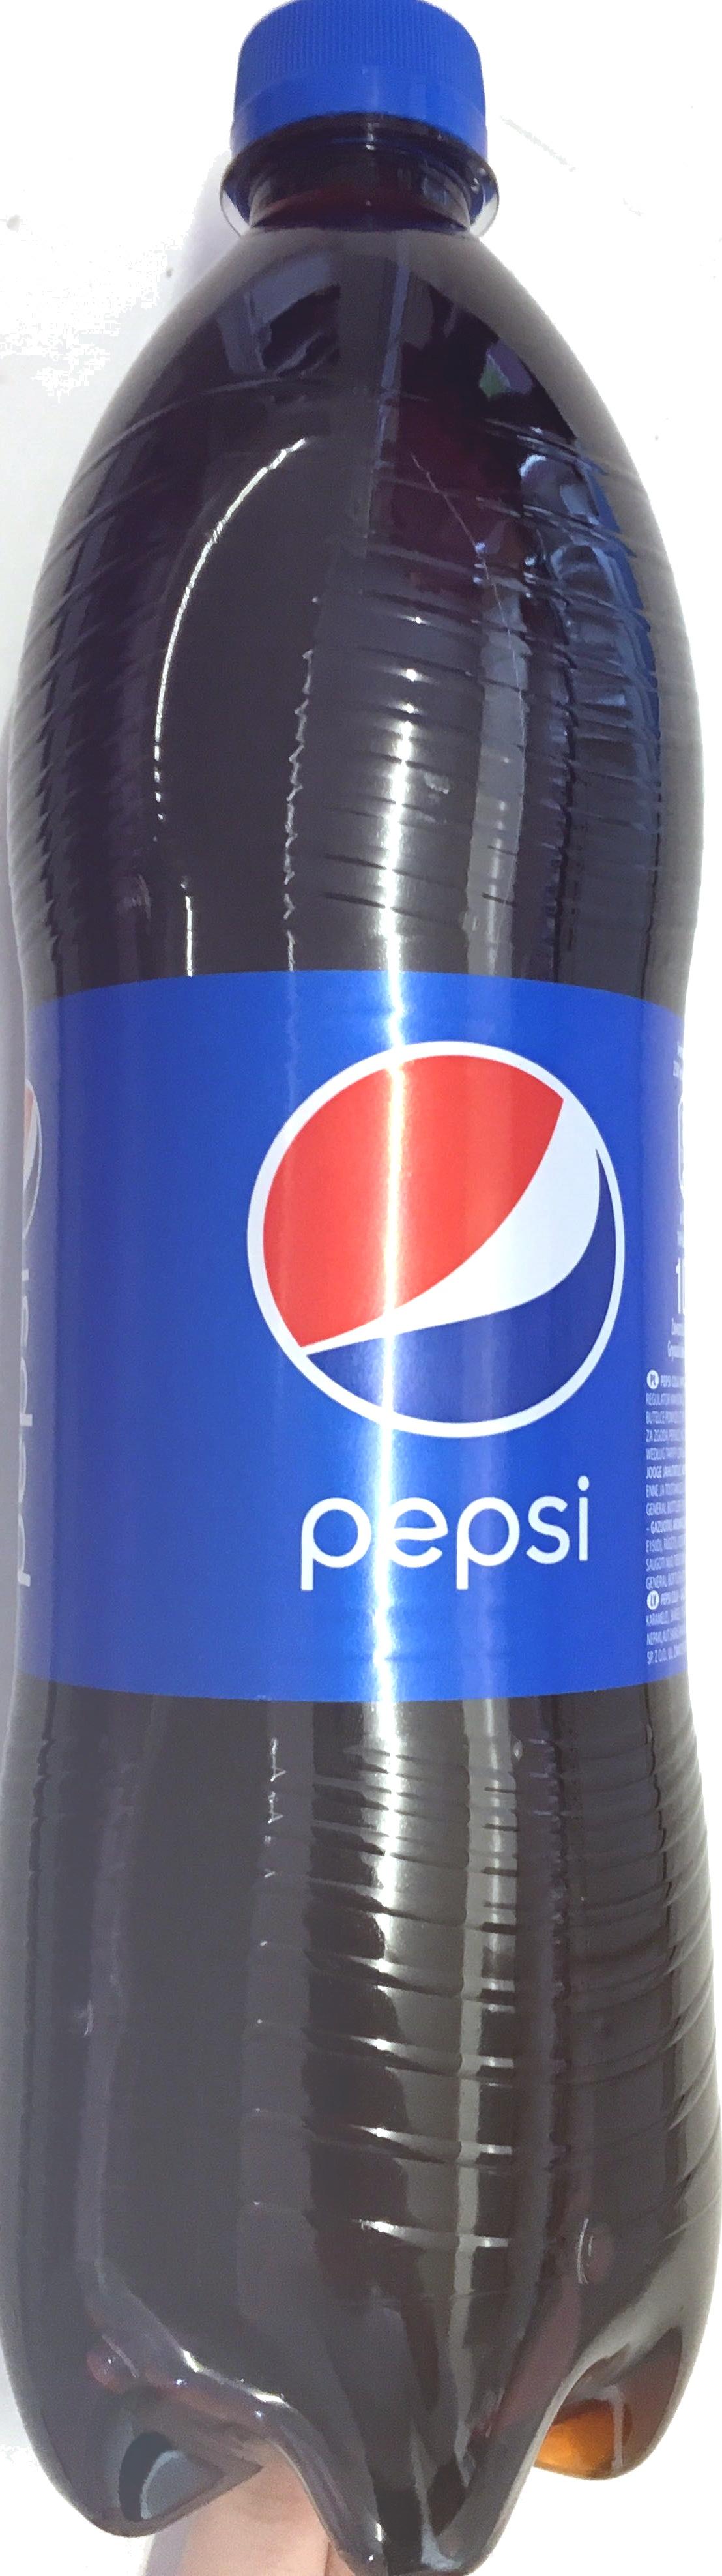 Pepsi - Produkt - fr